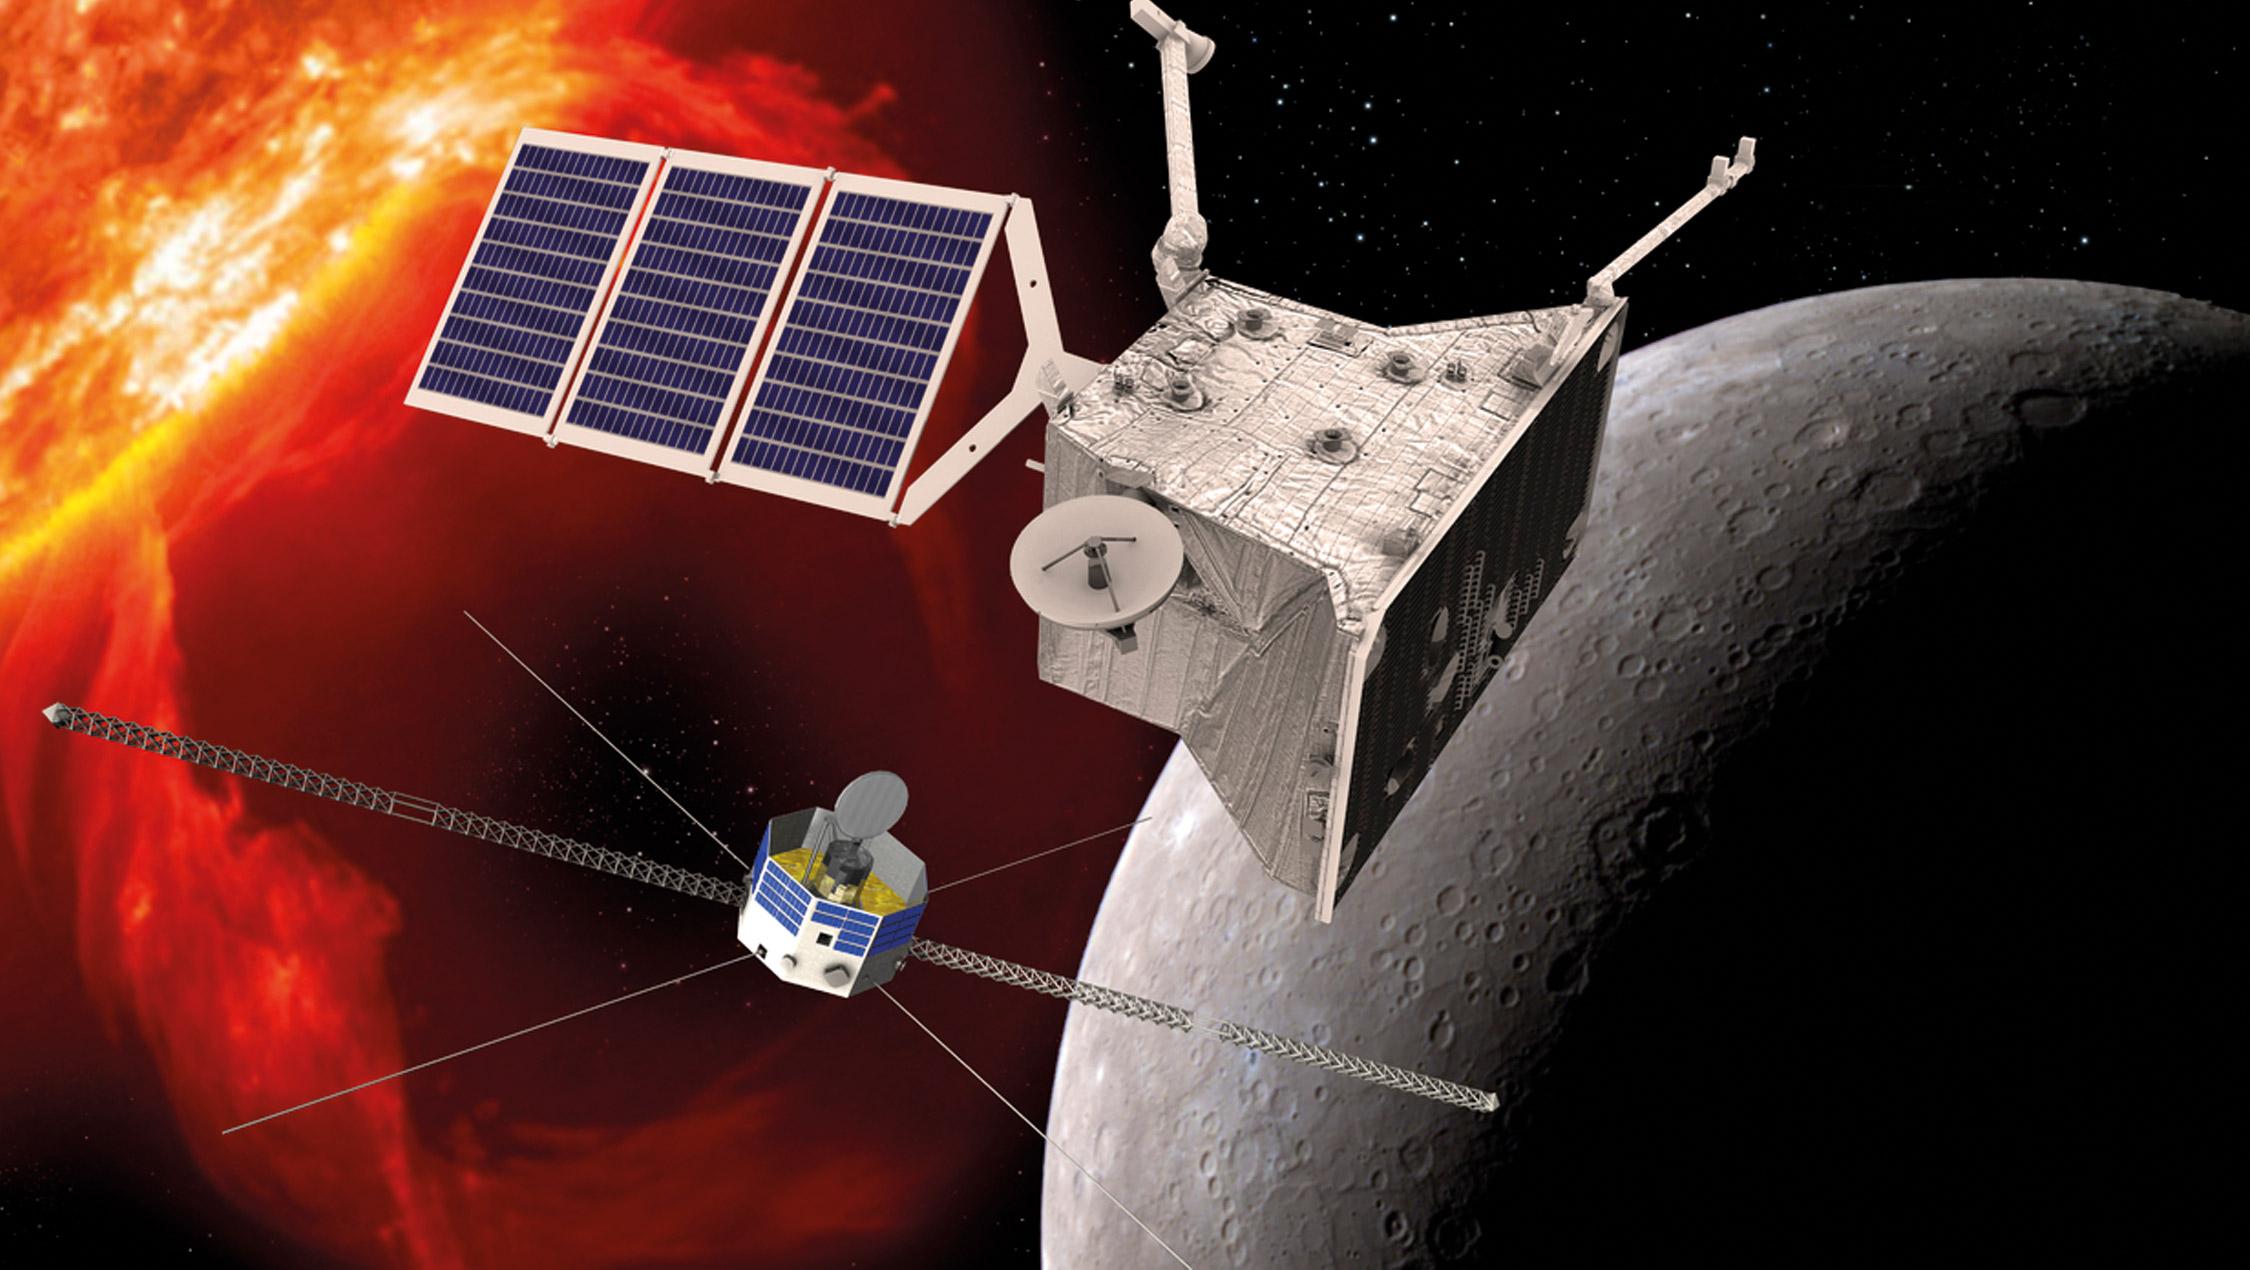 Le sonde européenne et le module japonais de la mission BepiColombo